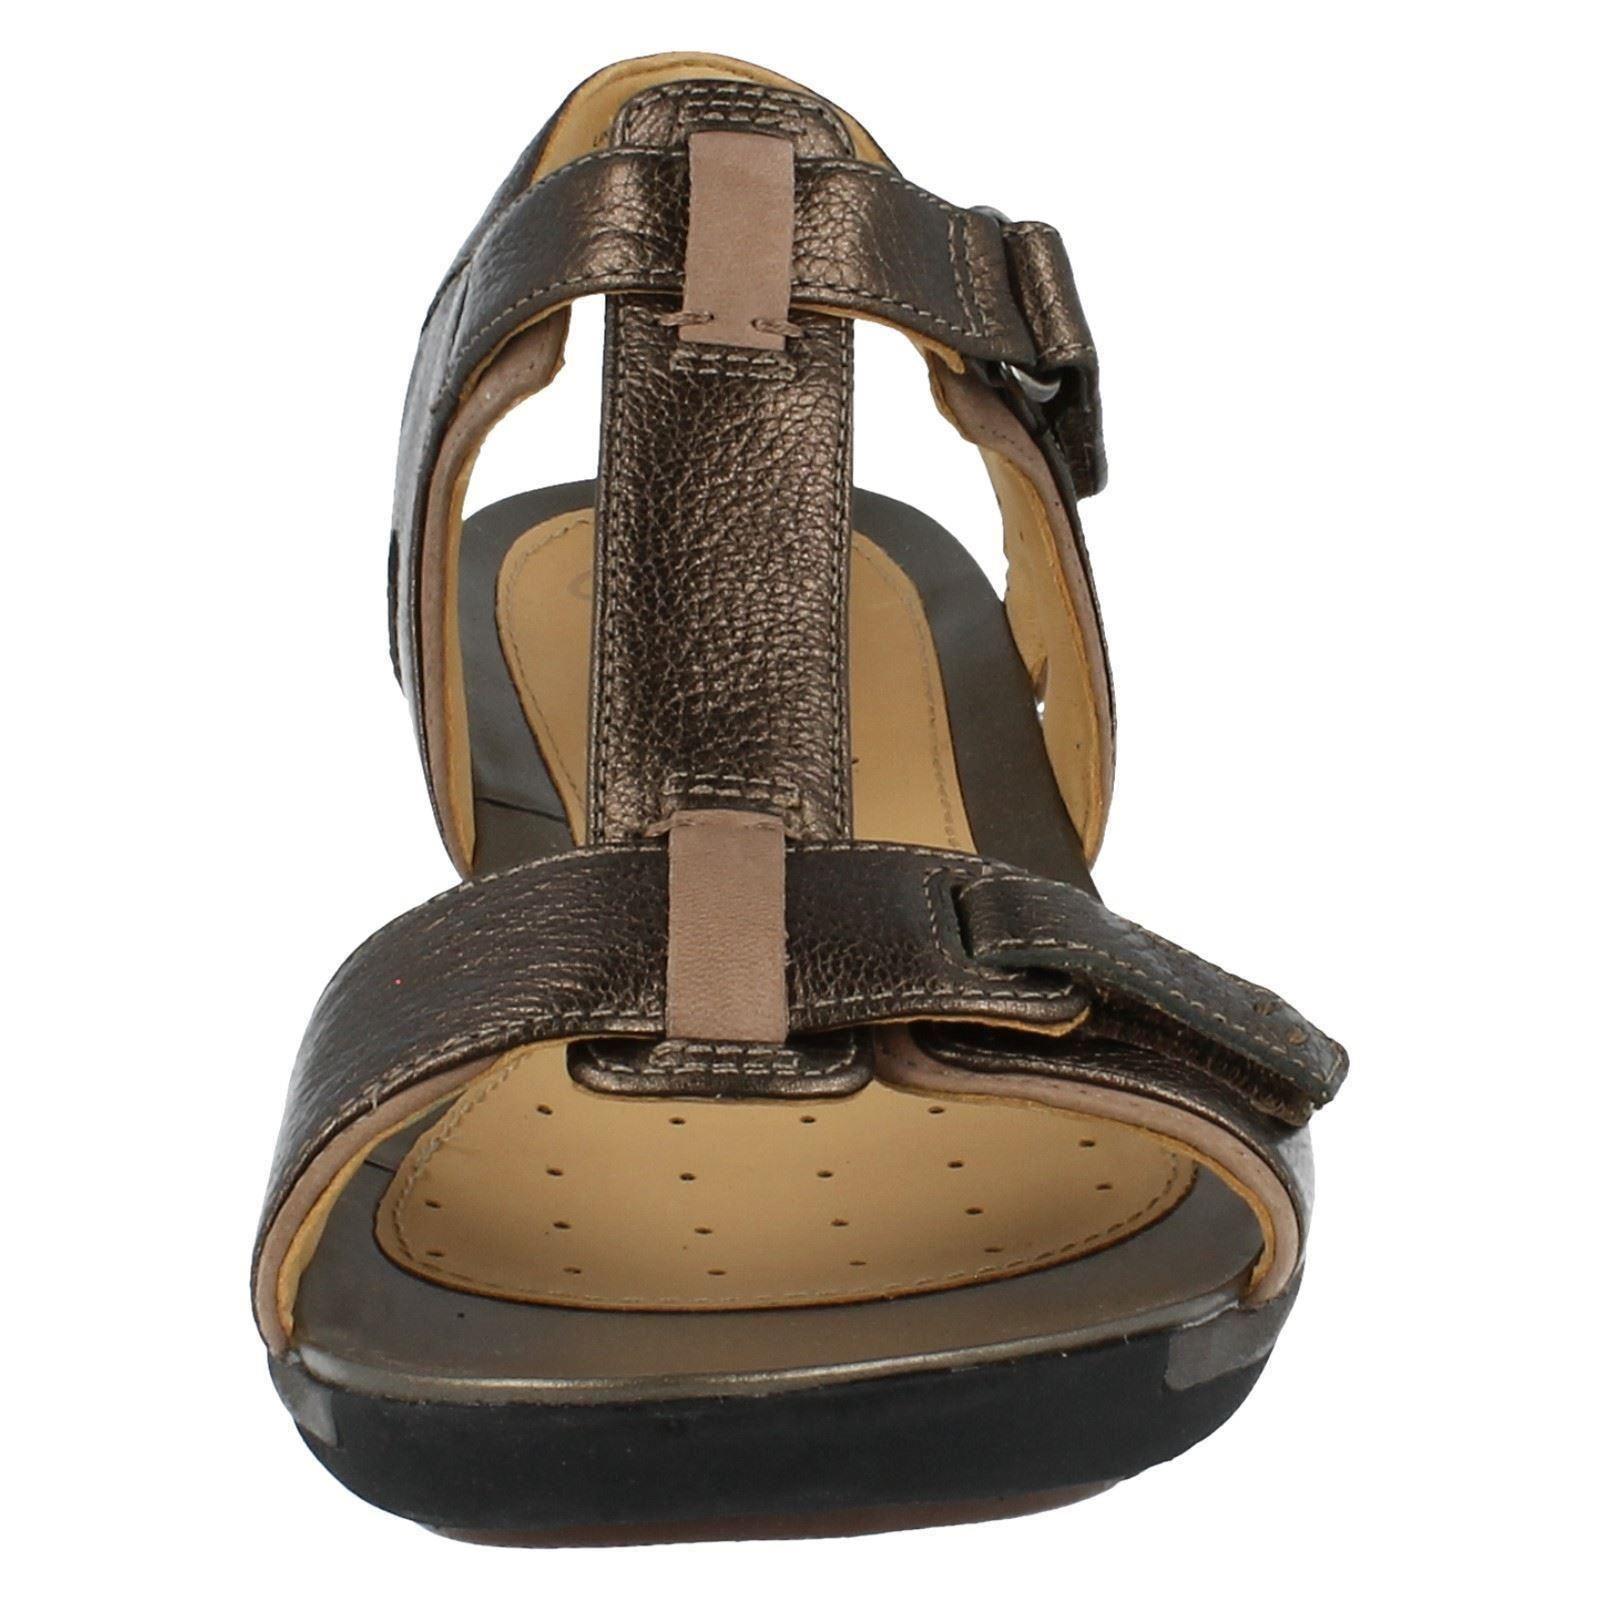 7505daa2973d Ladies Clarks Sandals Style - Un Voshell